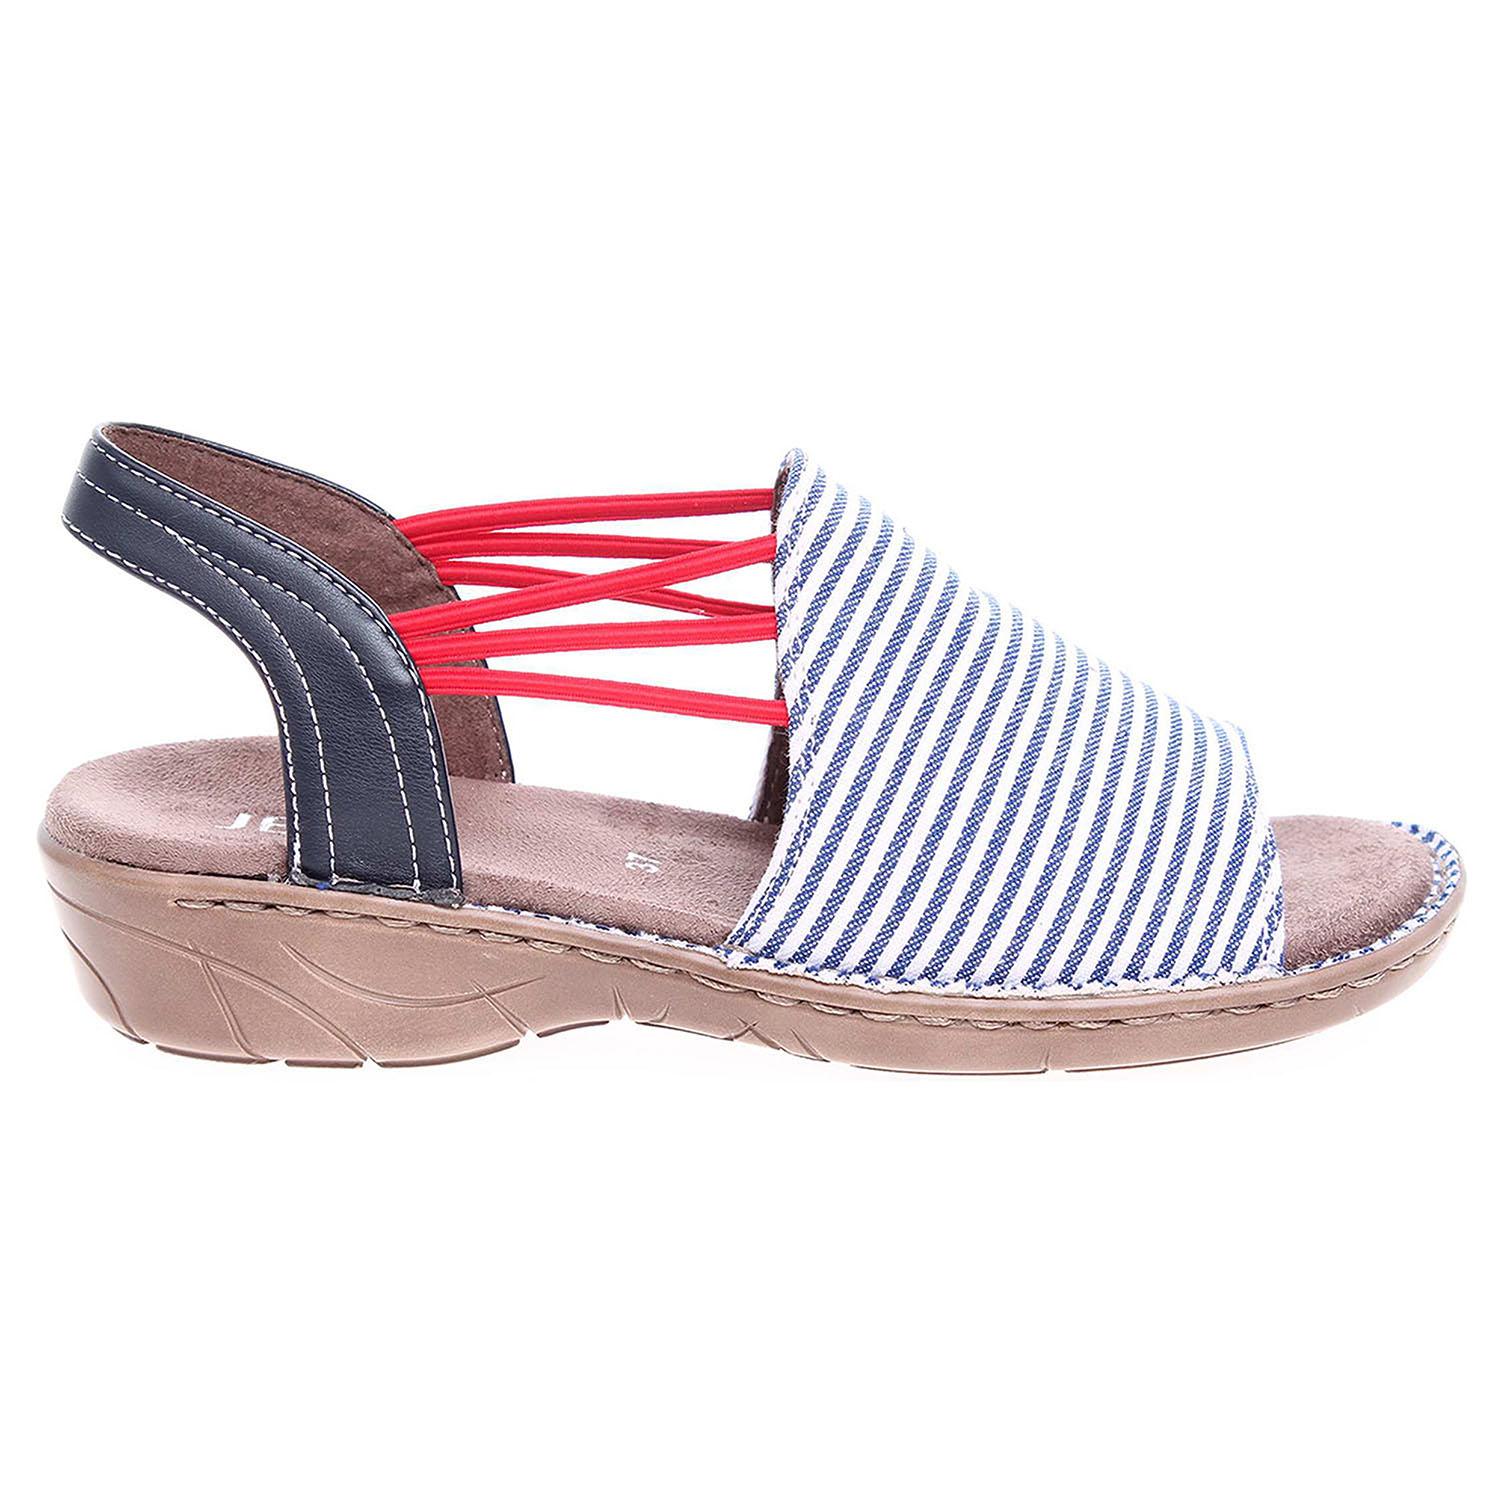 Ecco Ara dámské sandály 57283-78 modré 23801141